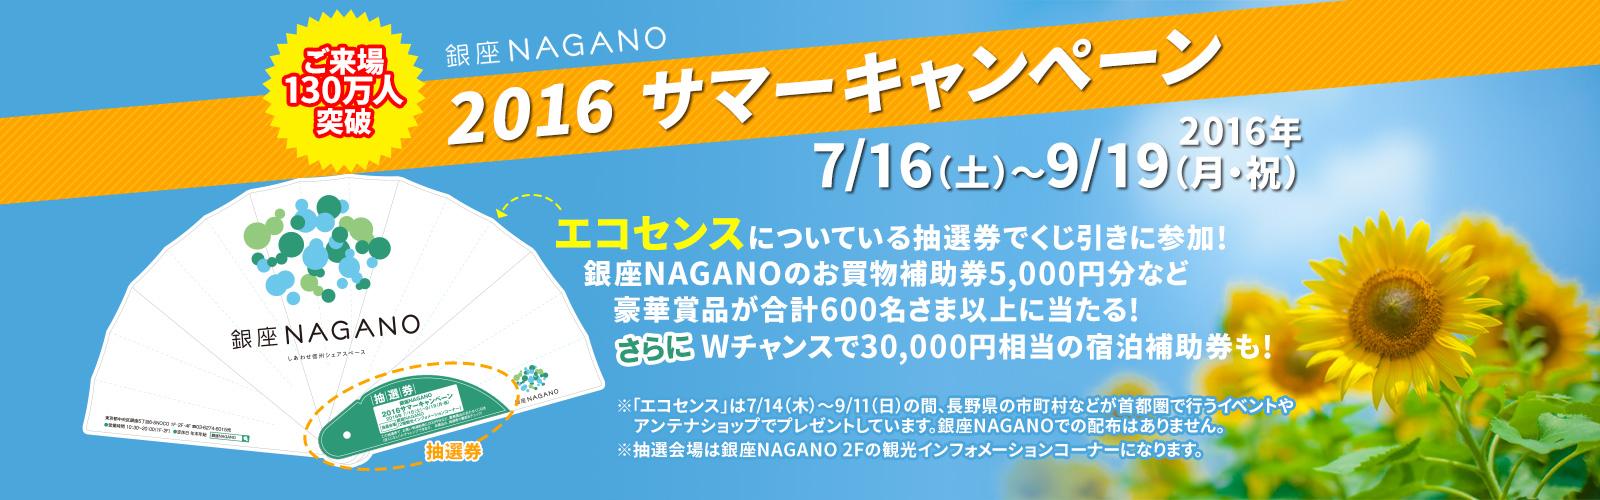 銀座NAGANO 2016 サマーキャンペーン開催!